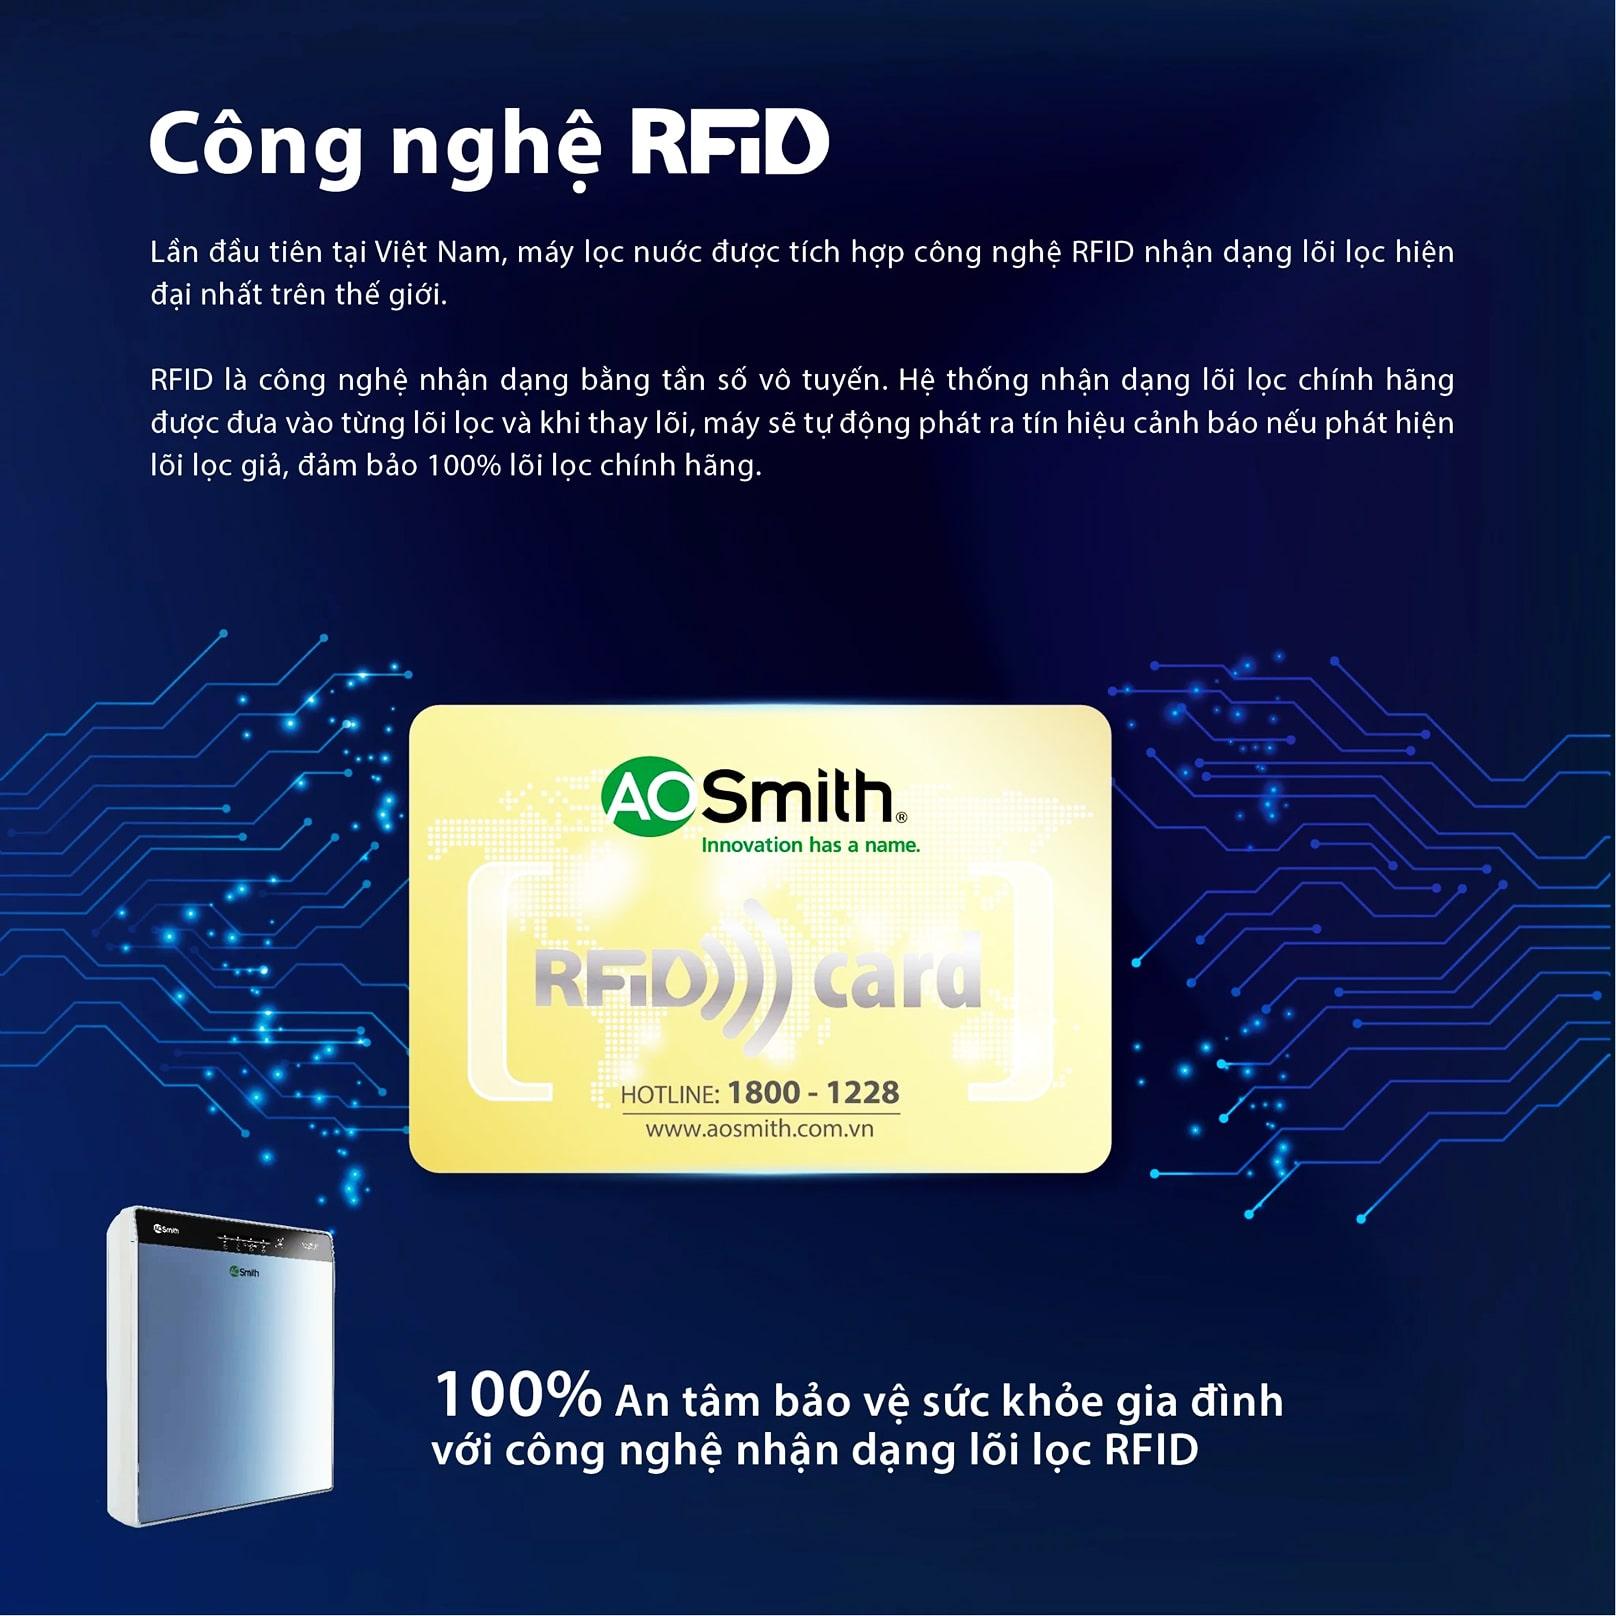 Máy lọc Aosmith K400 tiên phong sử dụng công nghệ RFID